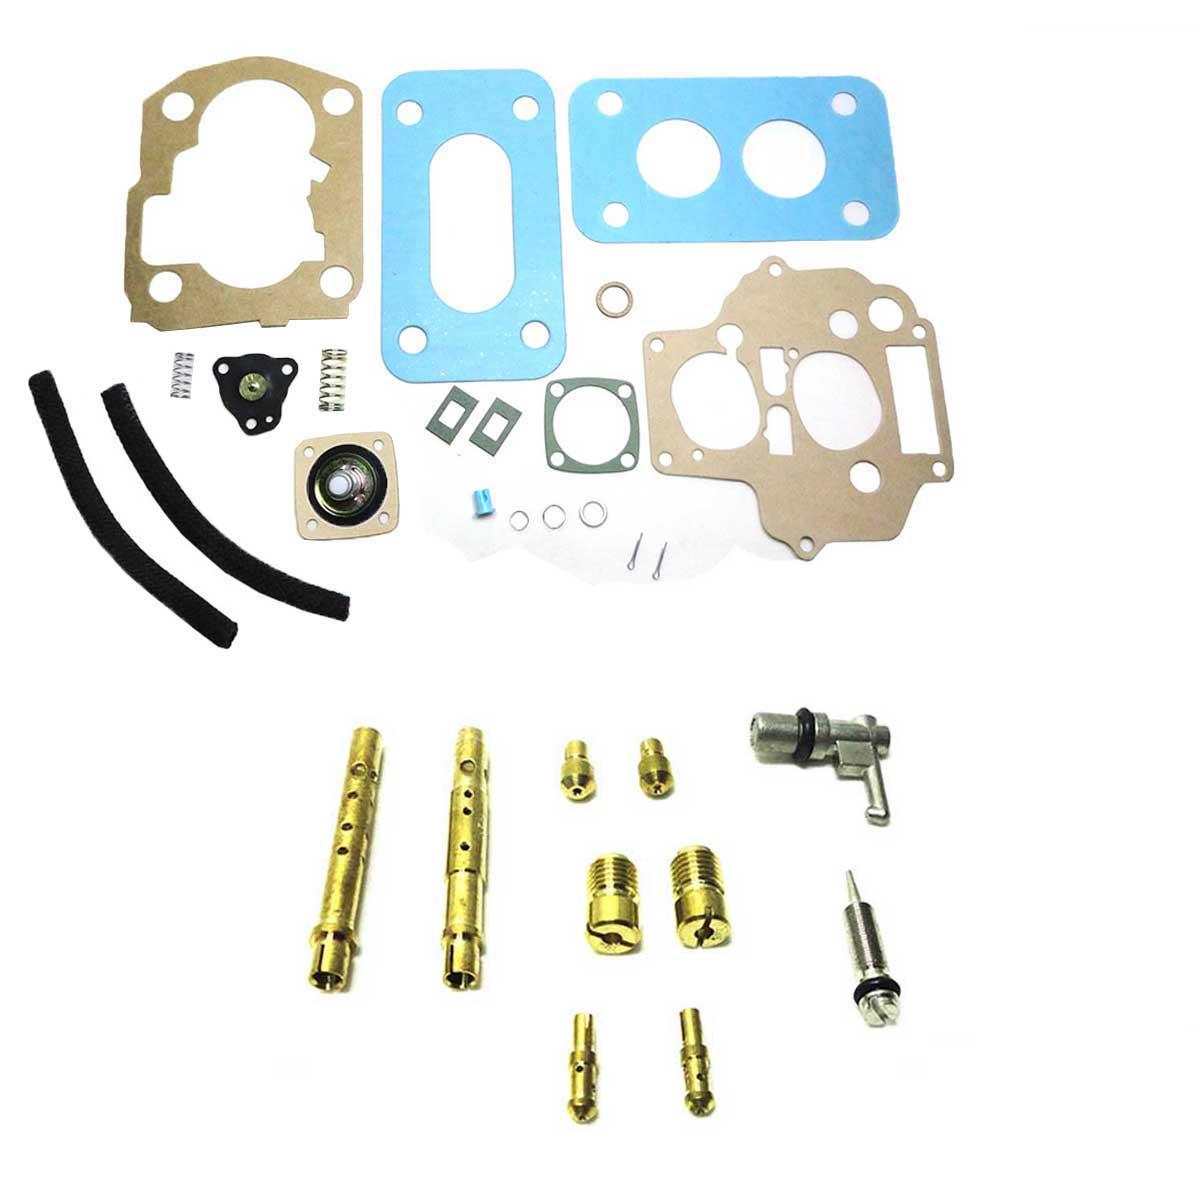 Reparo Carburador Weber 460 Escort Pampa Verona Corcel Belina Del Rey CHT 1.6 Álcool e Gasolina